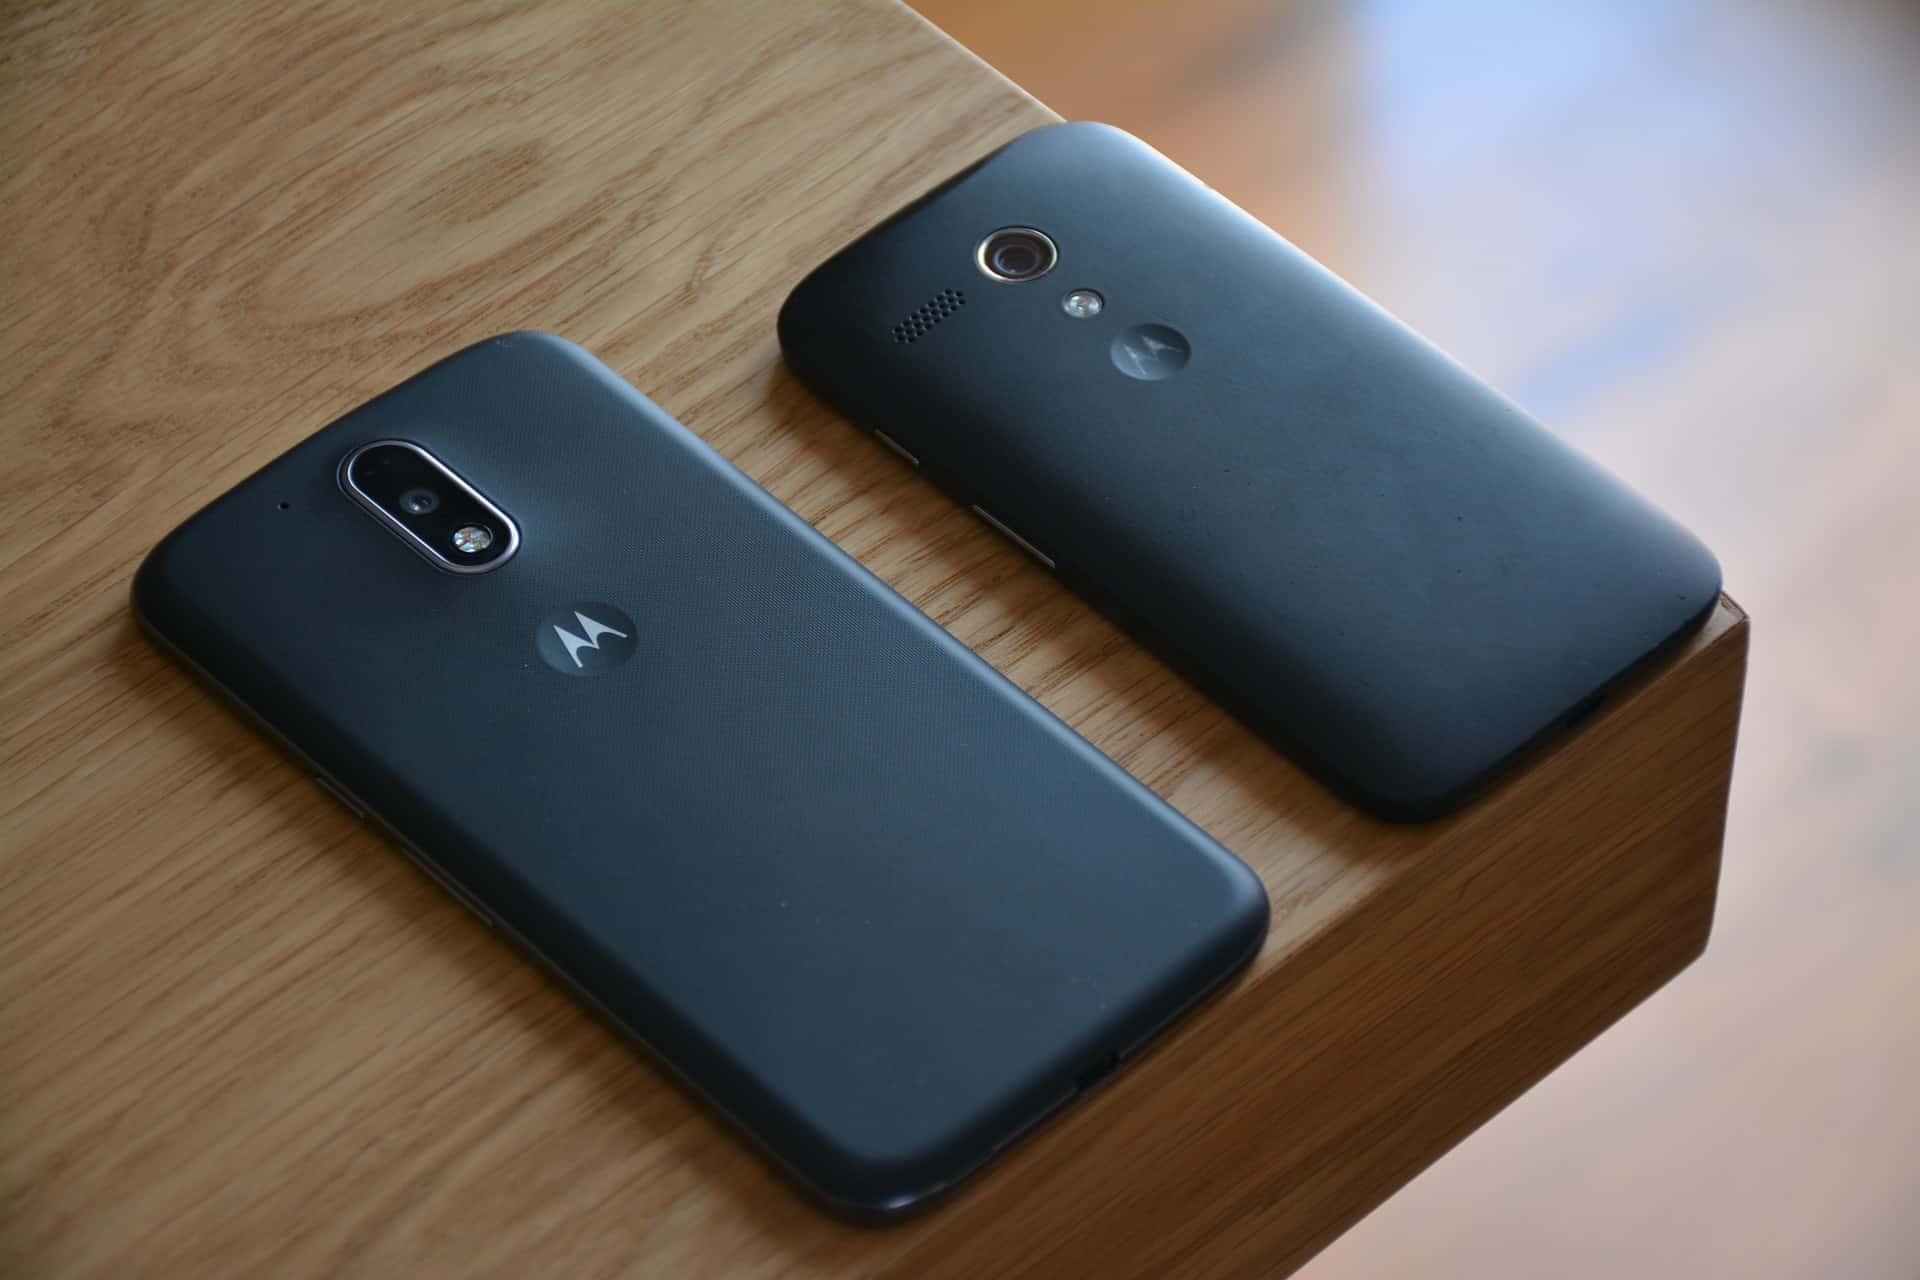 Imagem de dois smartphones da Motorola.